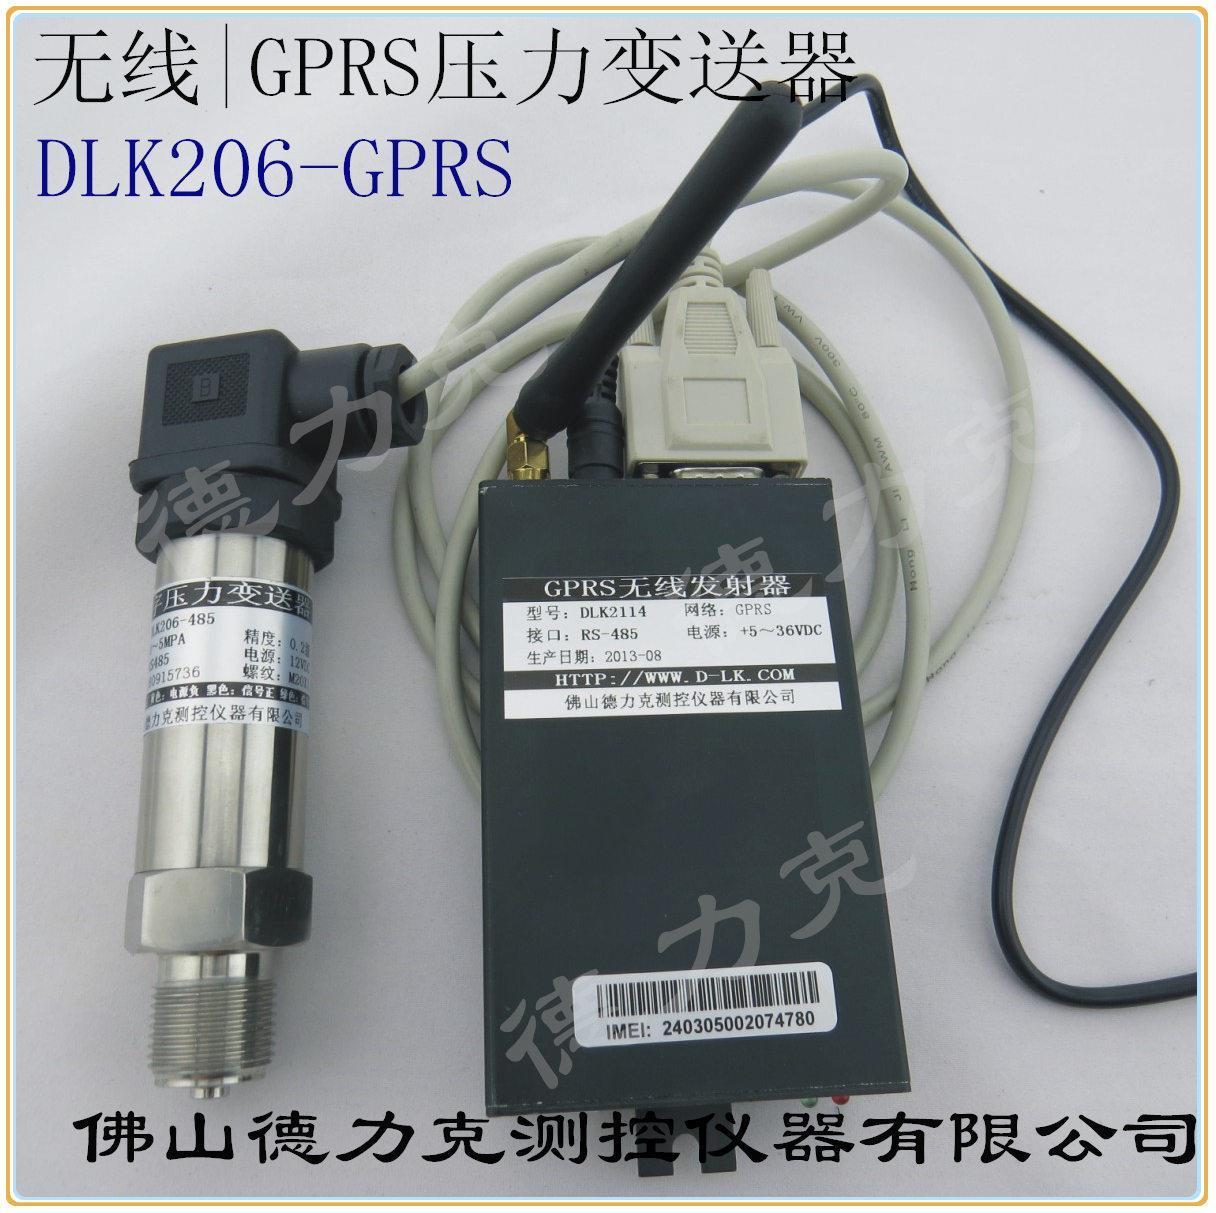 無線壓力傳感器|GPRS壓力傳感器|GPRS無線壓力傳感器生產廠家